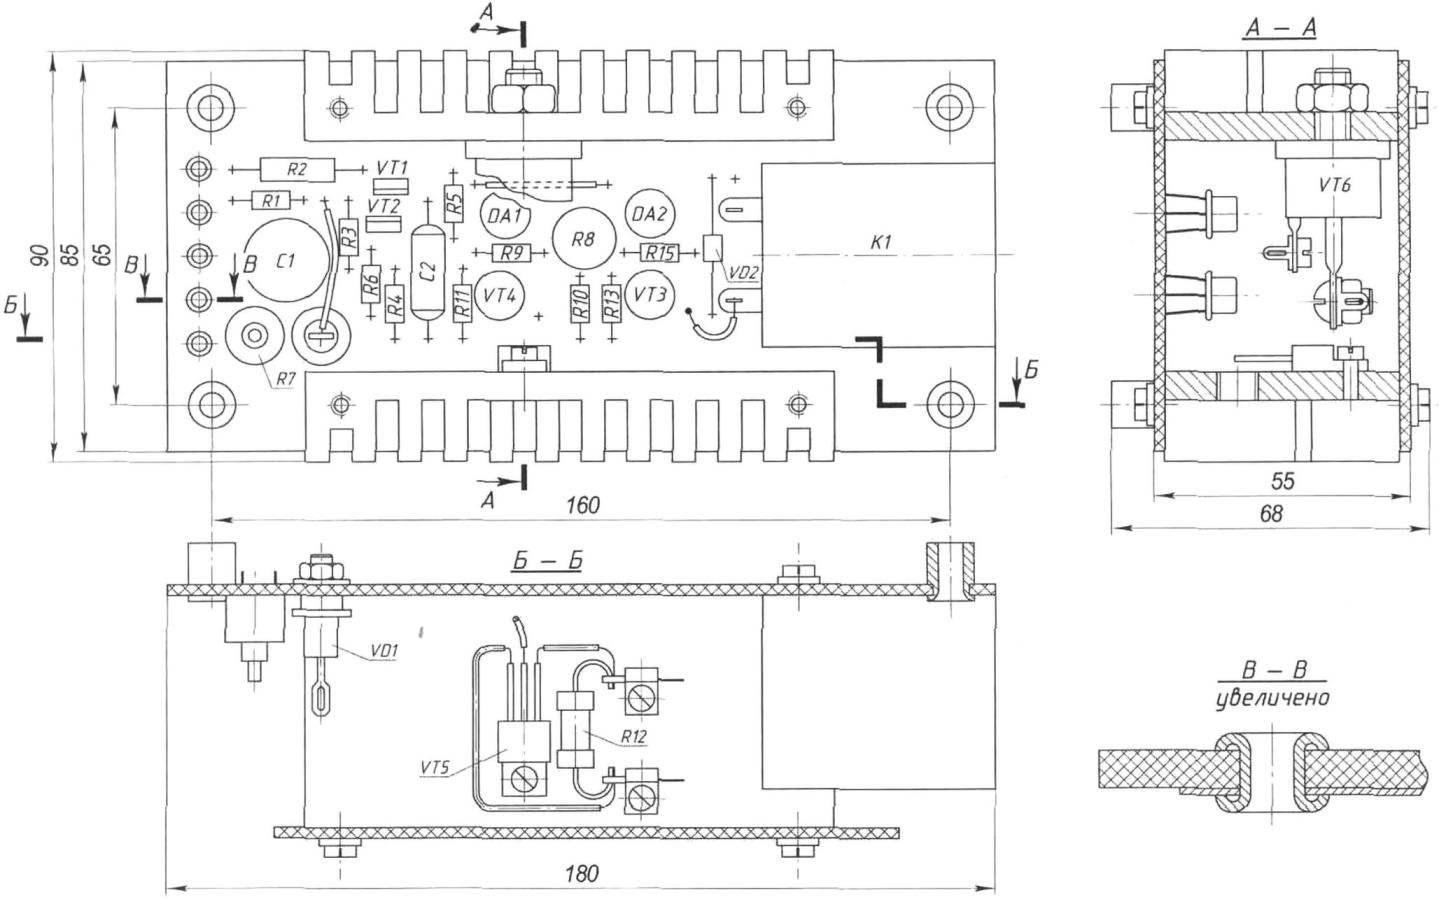 Монтажная схема регулятора частоты вращения электродвигателя